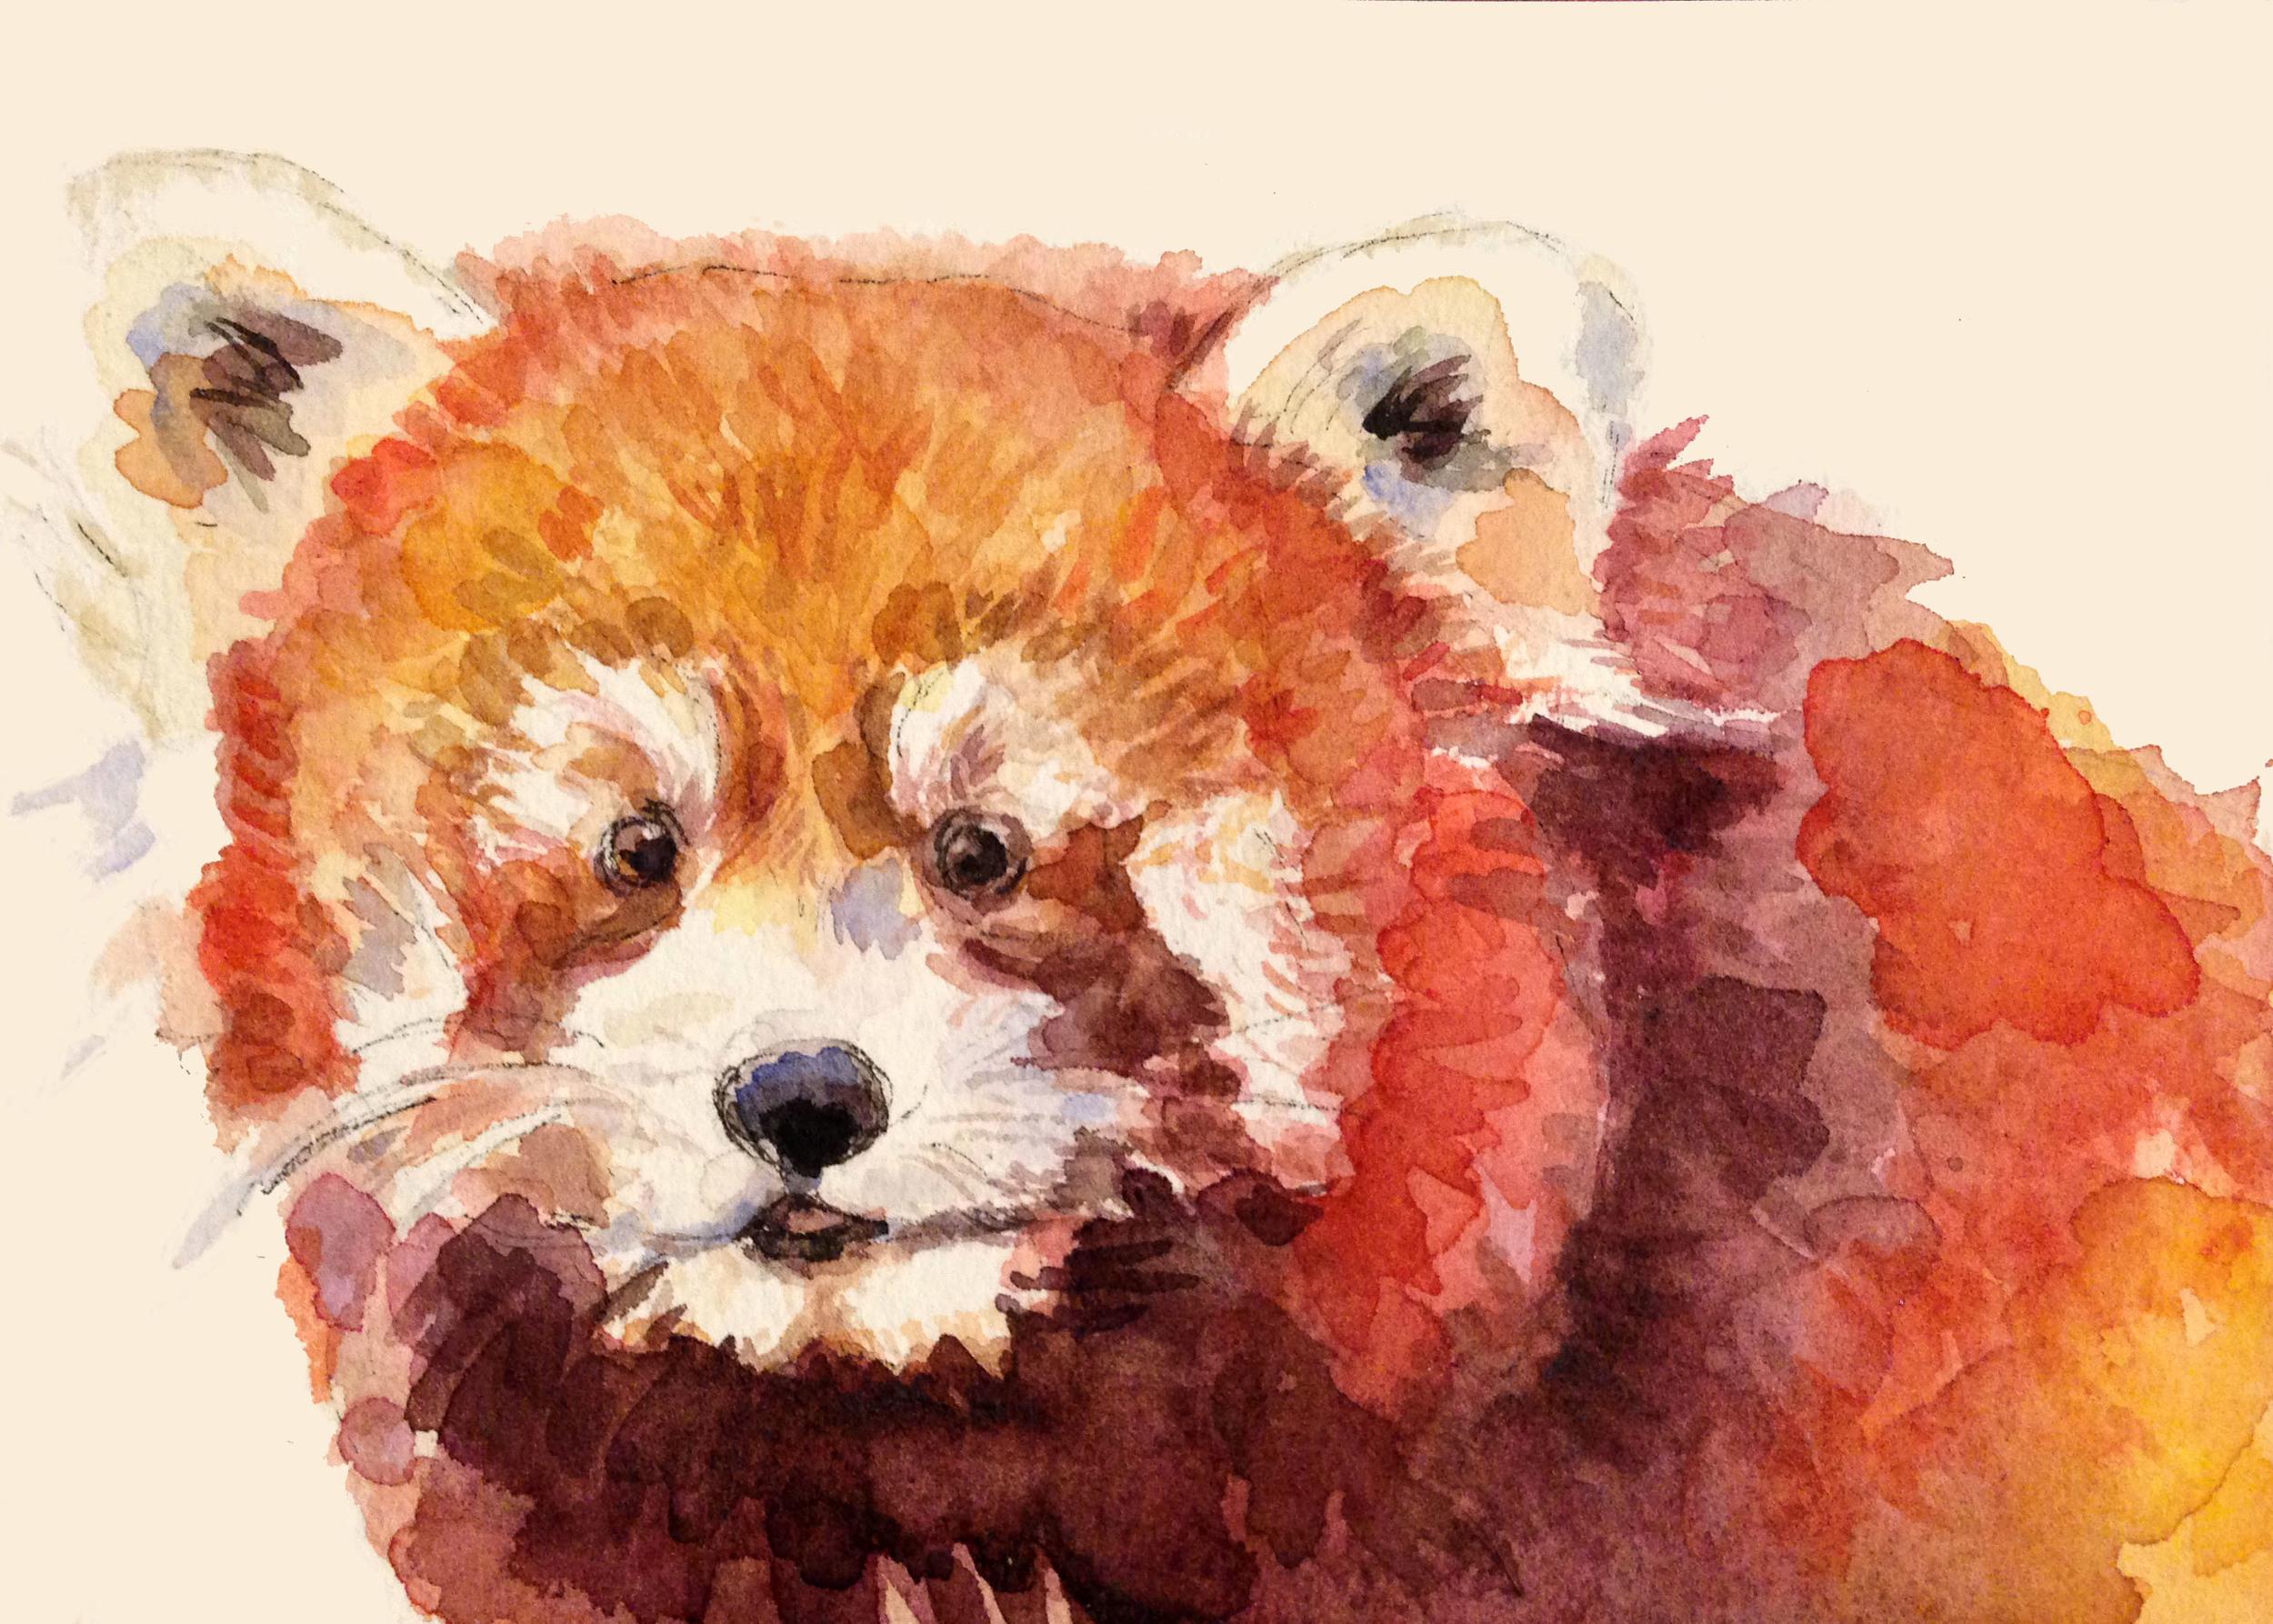 Red Panda (ORIGINAL SOLD)